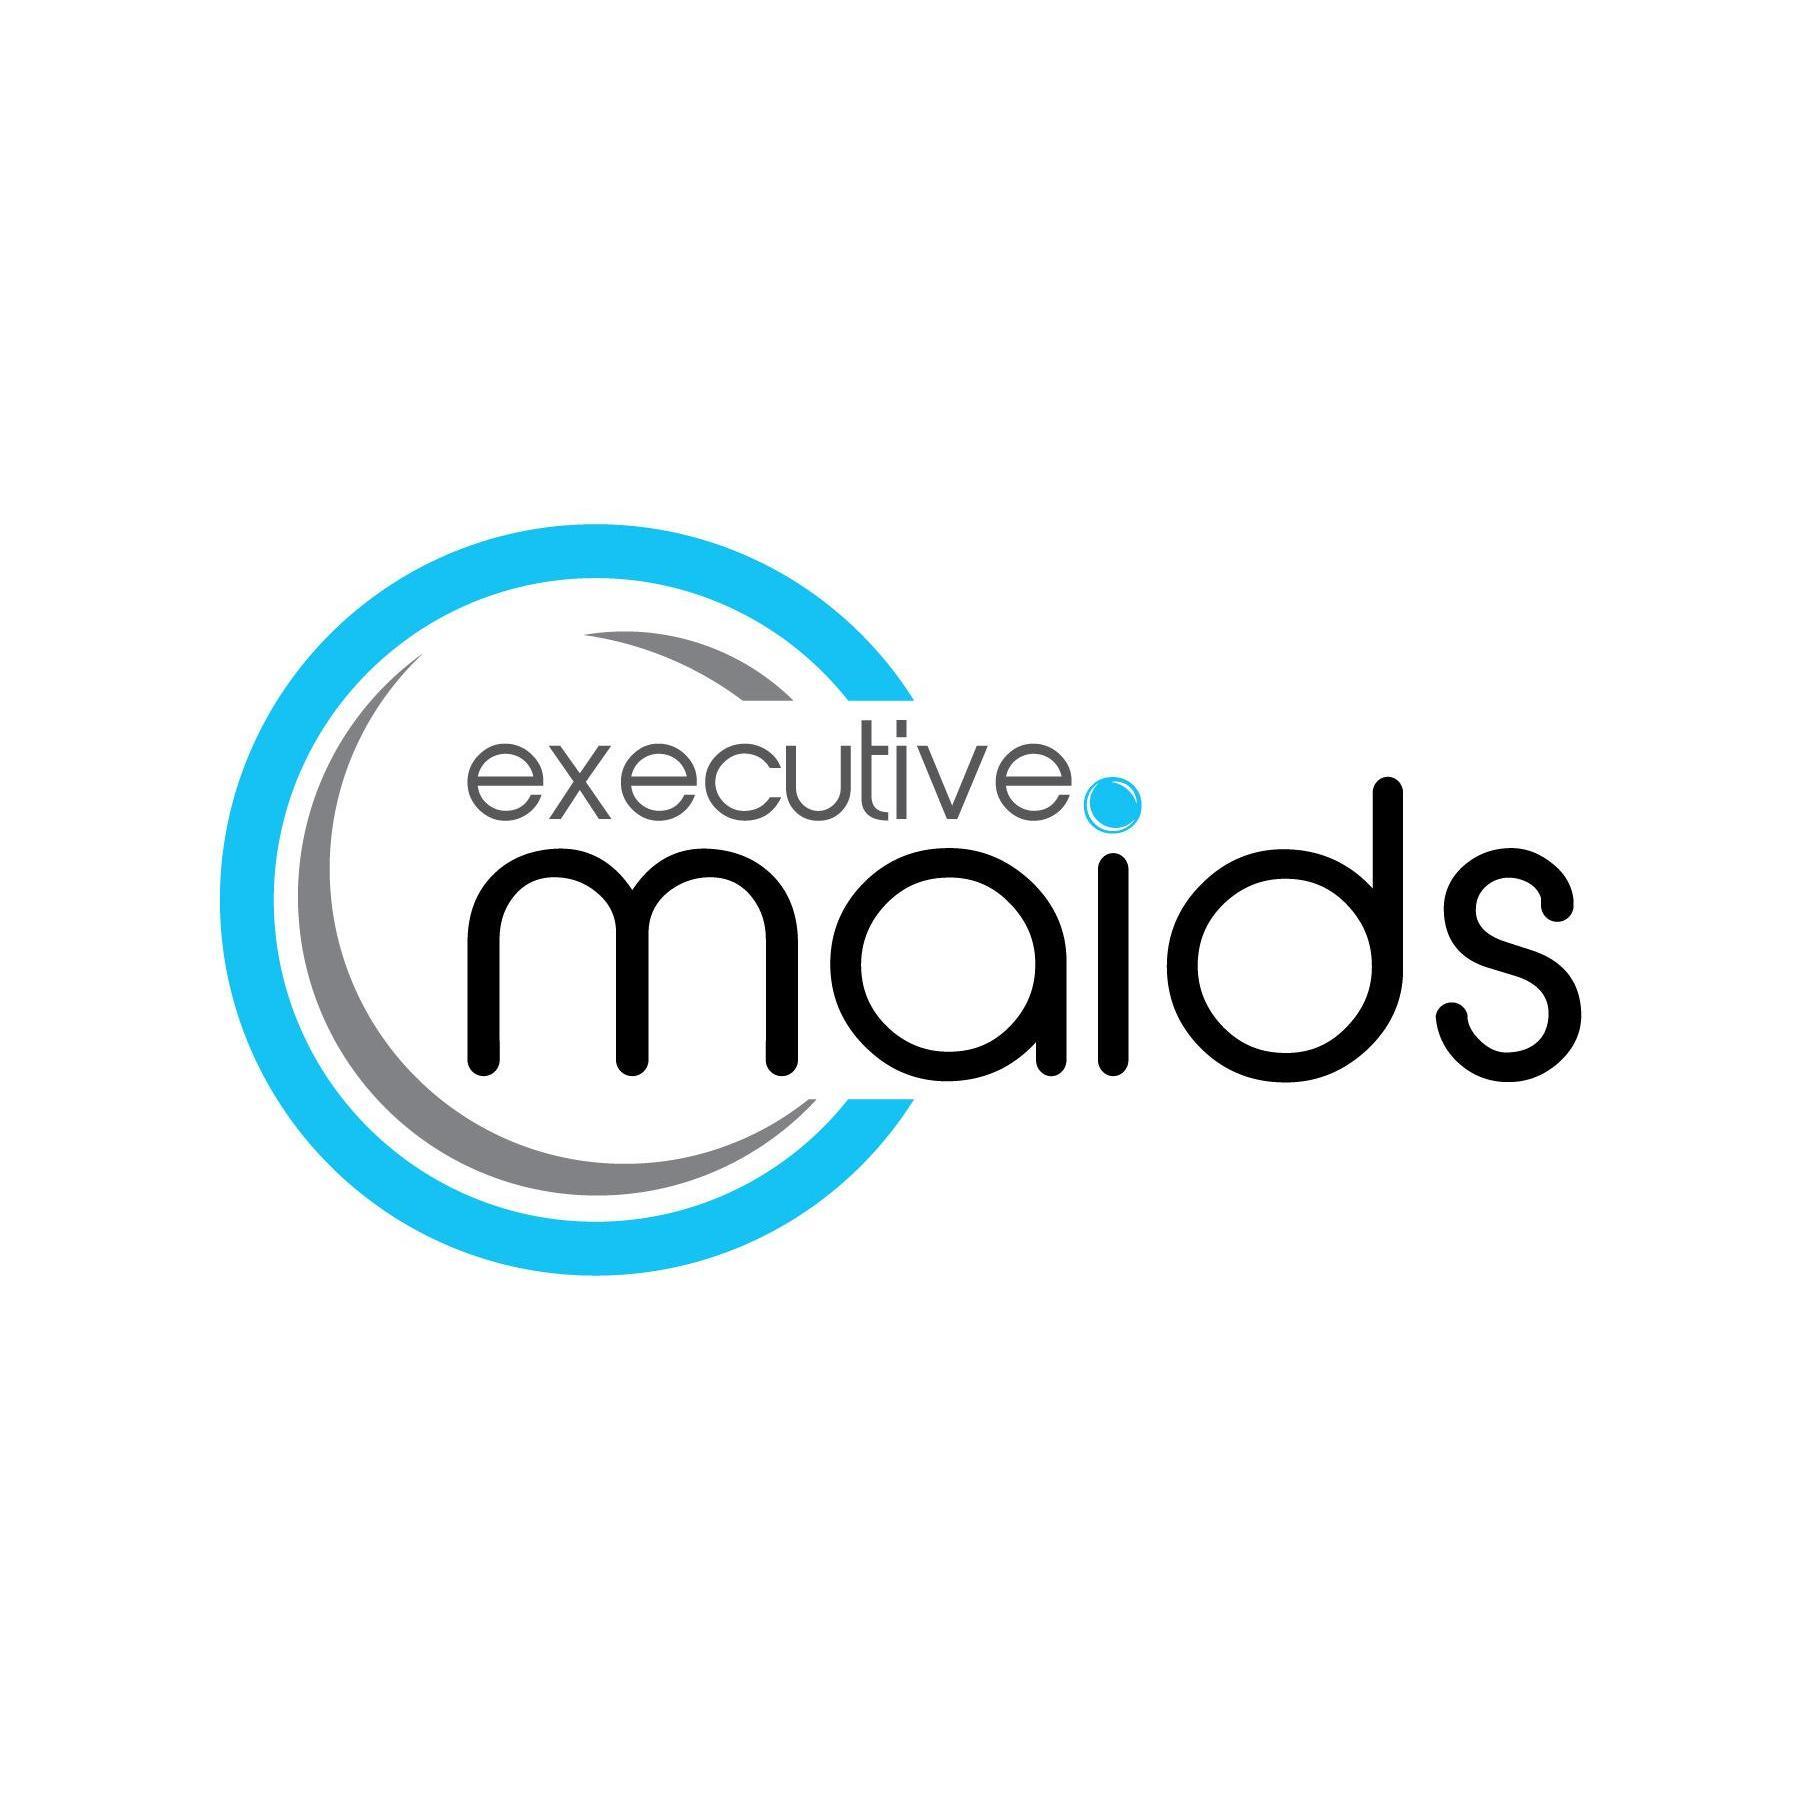 Executive Maids, LLC